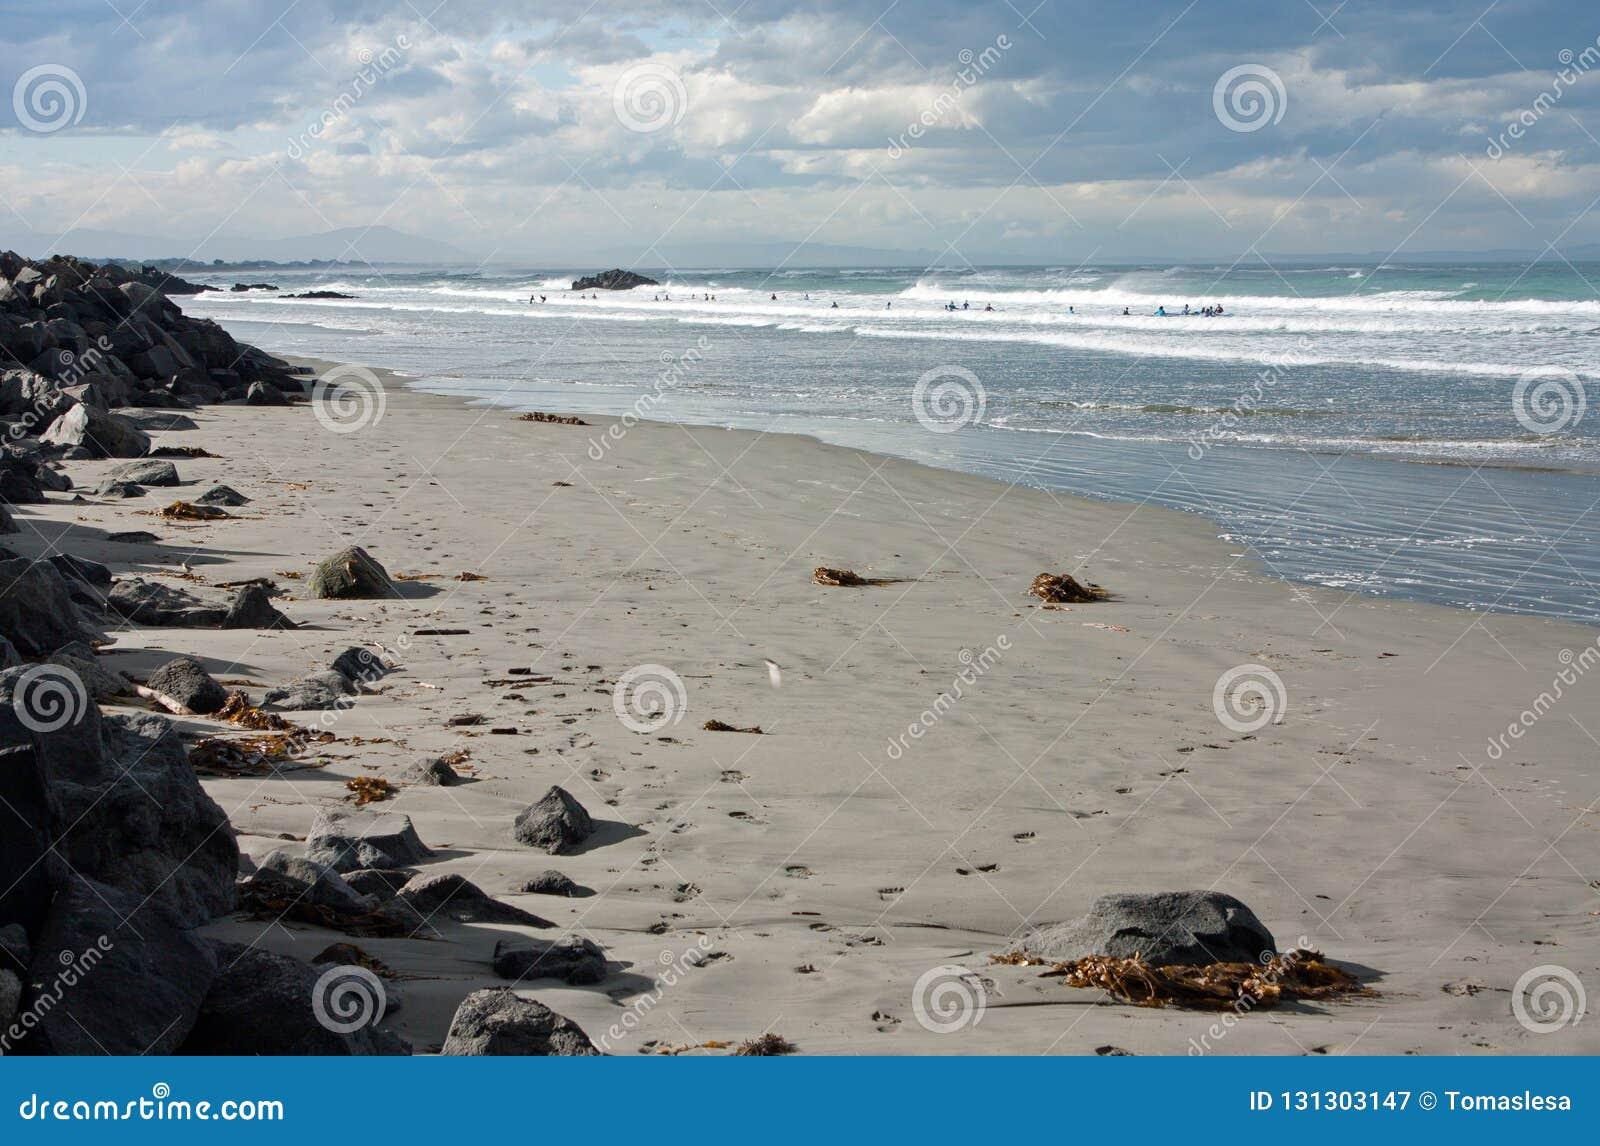 Personas que practica surf en el mar ondulado en Sumner Beach en Christchurch en Nueva Zelanda